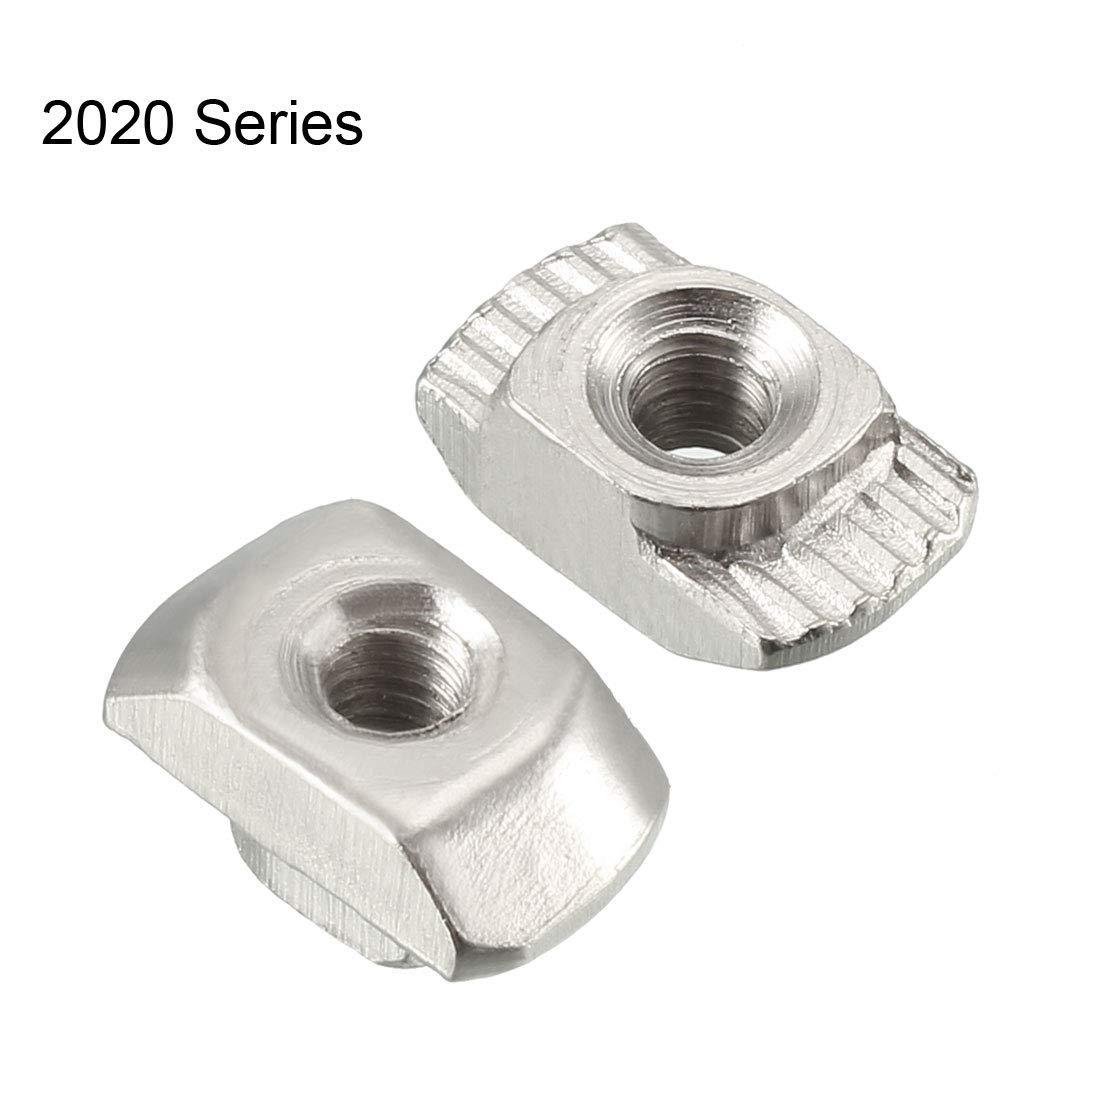 50er-Packung Kohlenstoffstahl vernickelt M3 Halbrund-T-Nutenstein f/ür Aluminium-Strangpressprofile der Serie 2020 DealMux T-Nutensteine